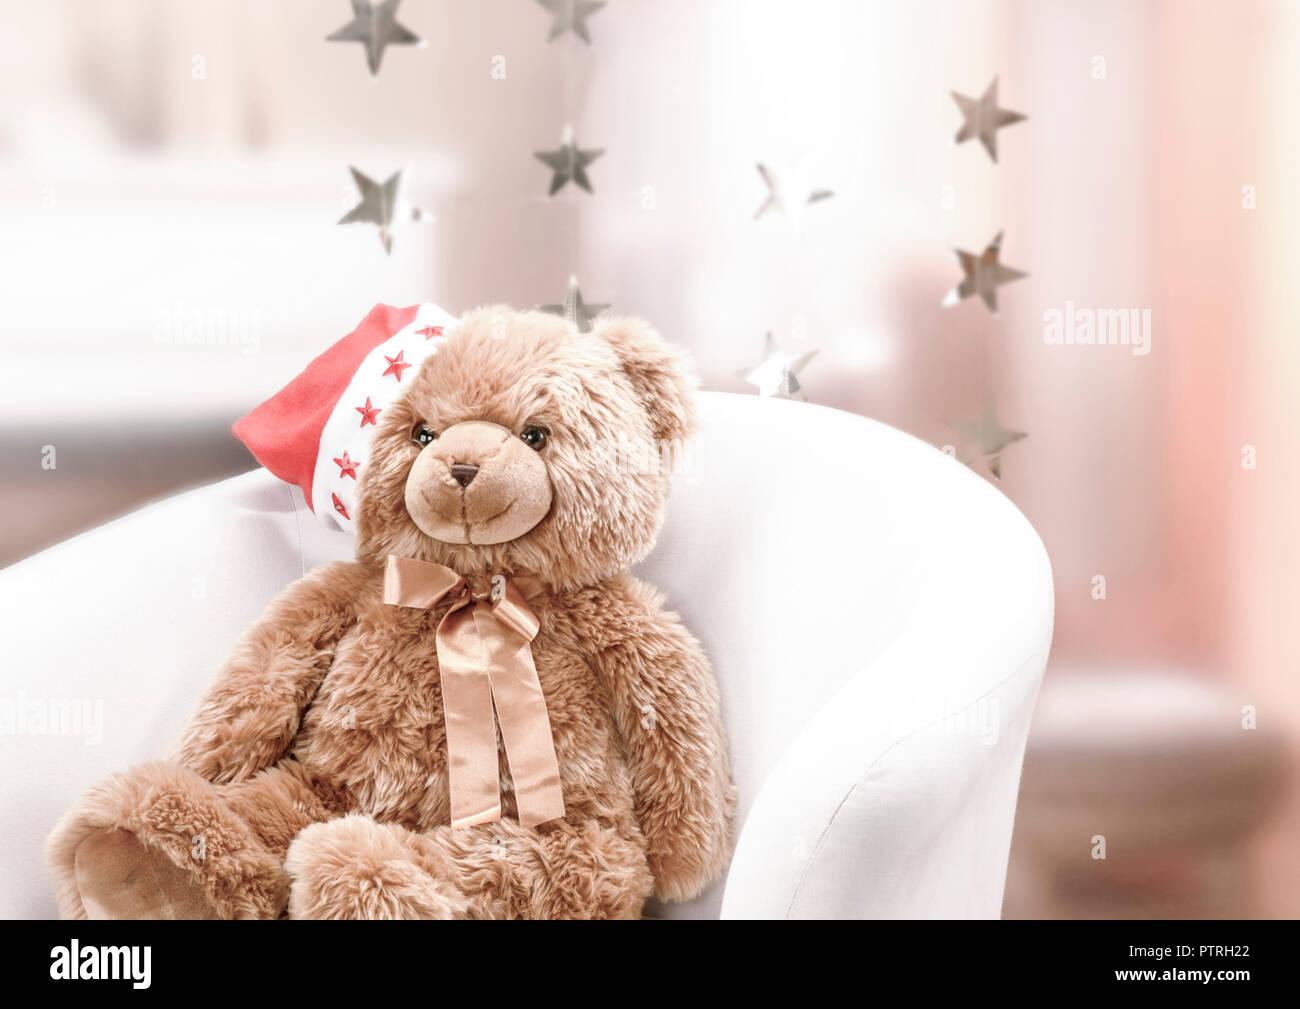 Teddy Weihnachten.Kind Kindheit Teddy Baer Teddybaer Weihnachten Innen Festlich